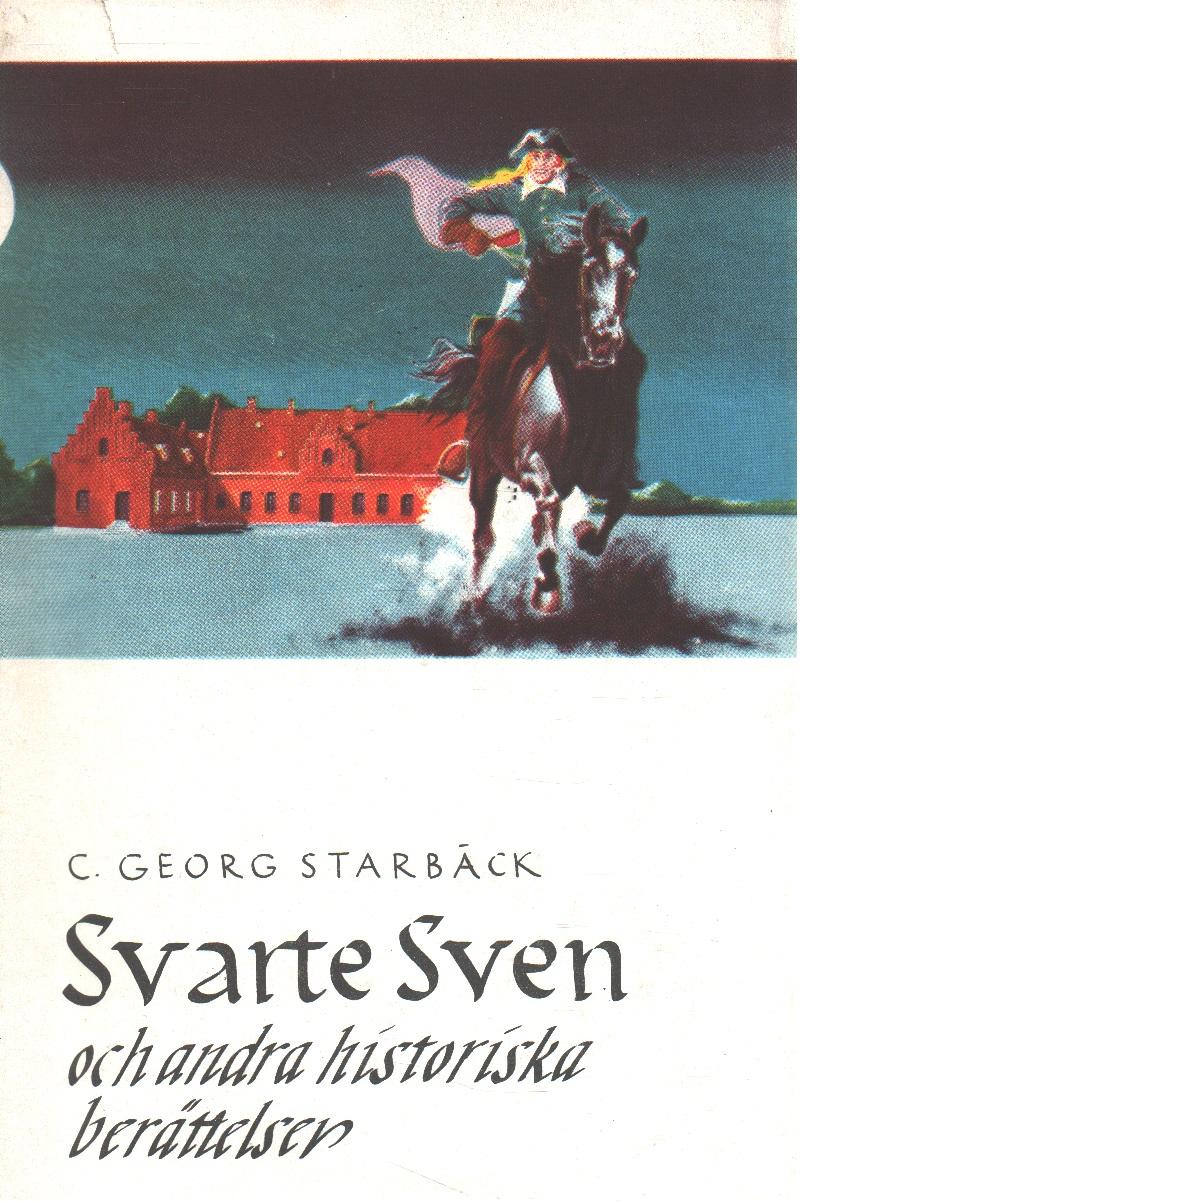 Svarte Sven och andra historiska berättelser - Starbäck, Carl Georg